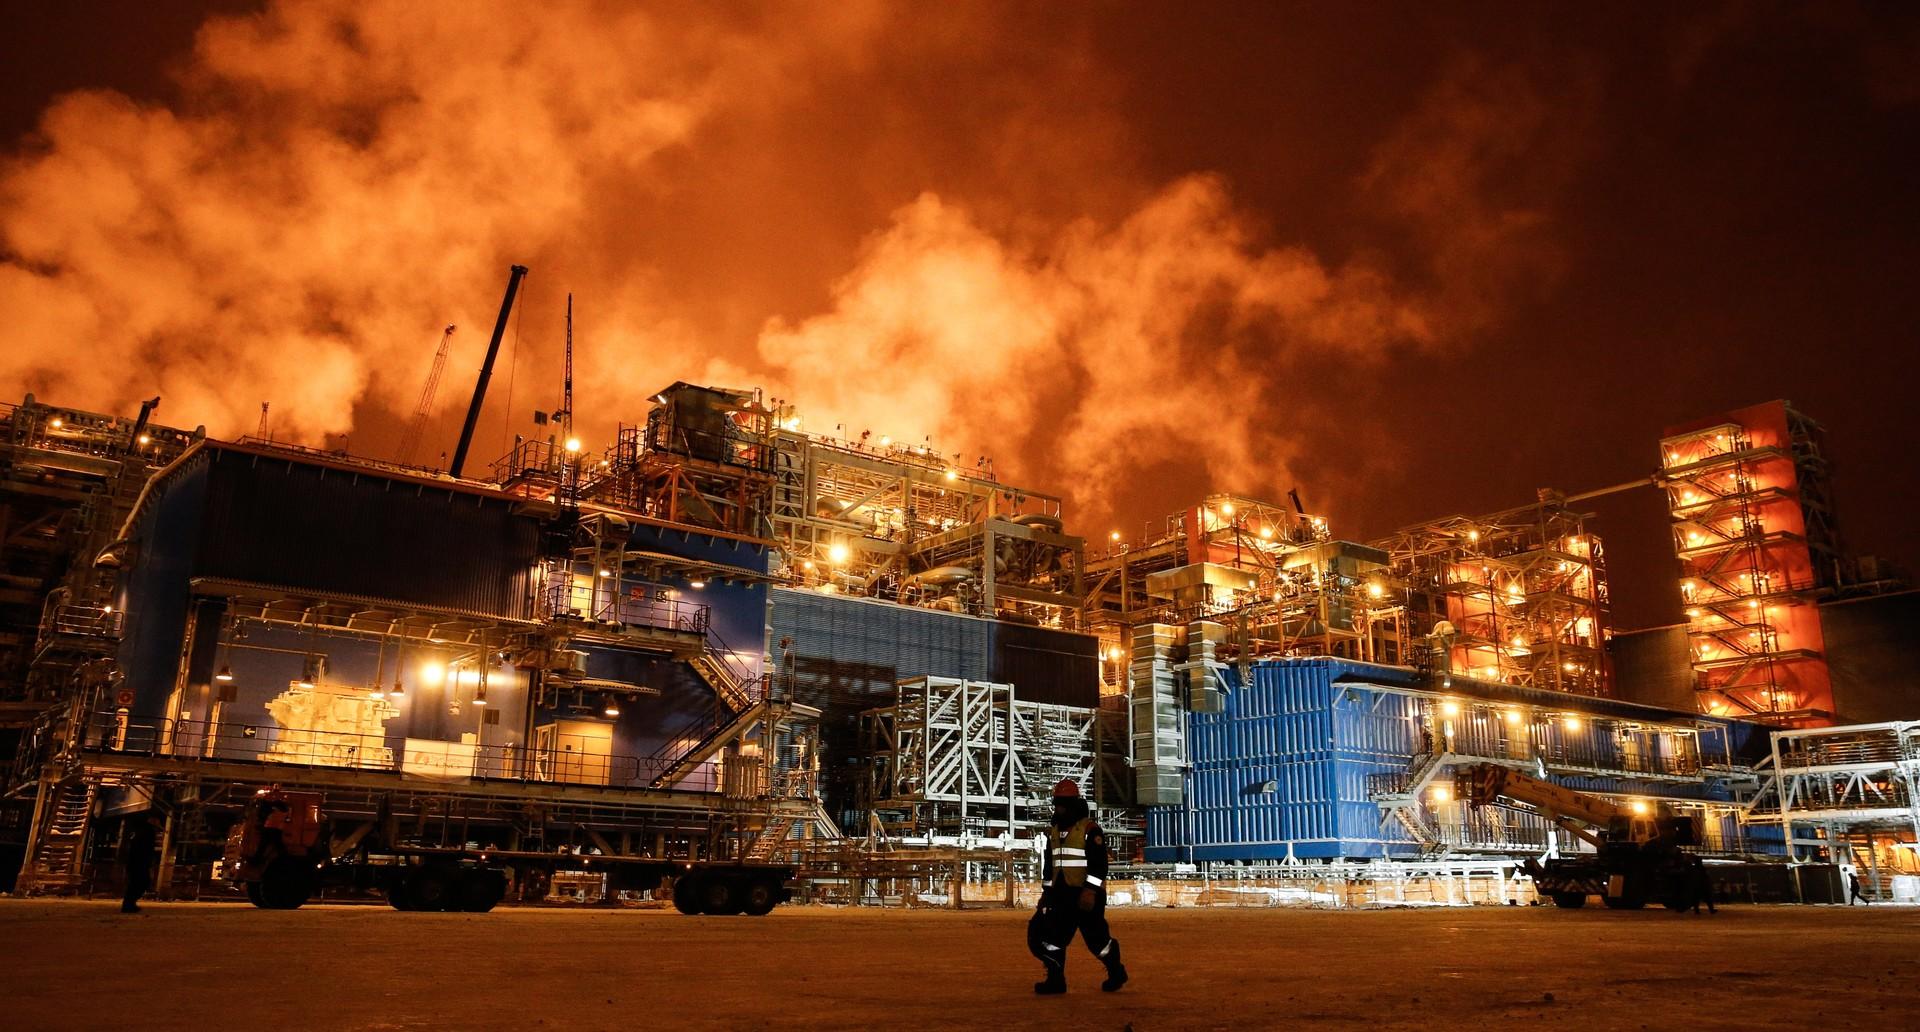 Poutine inaugure le site gazier de Yamal dans l'Arctique russe, avec Total et malgré les sanctions